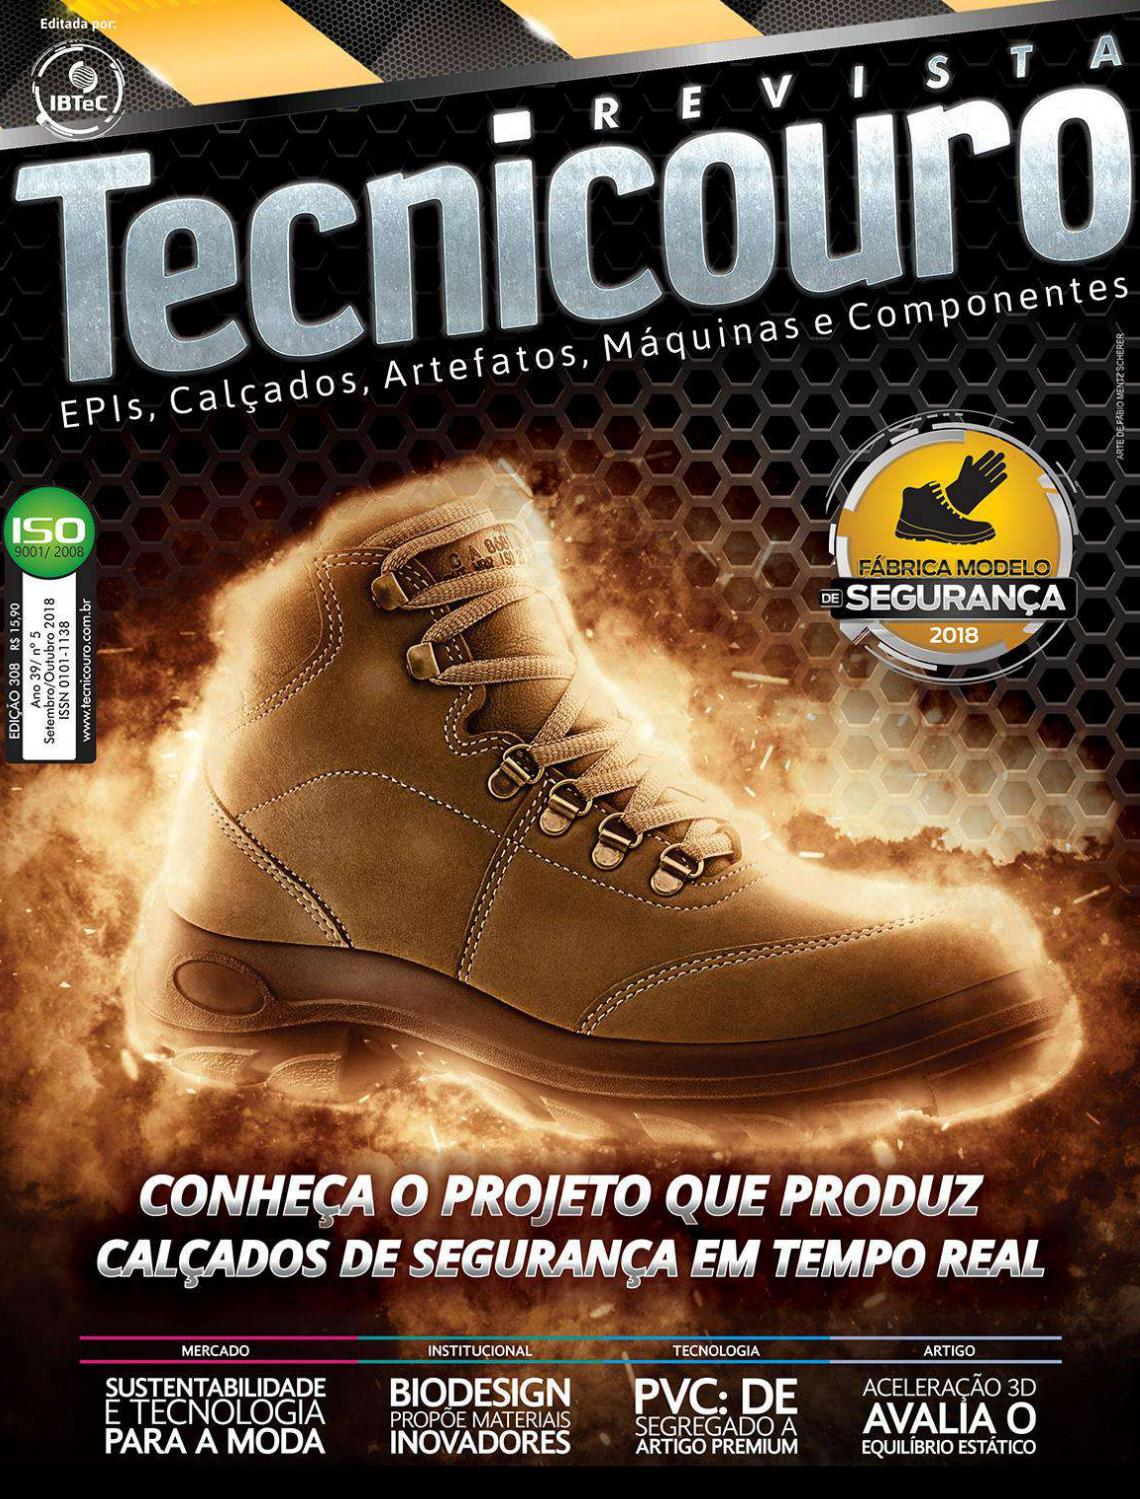 Revista Tecnicouro - Edição nº 308 by Marcela Chaves da Silva - issuu 90079d41971e4